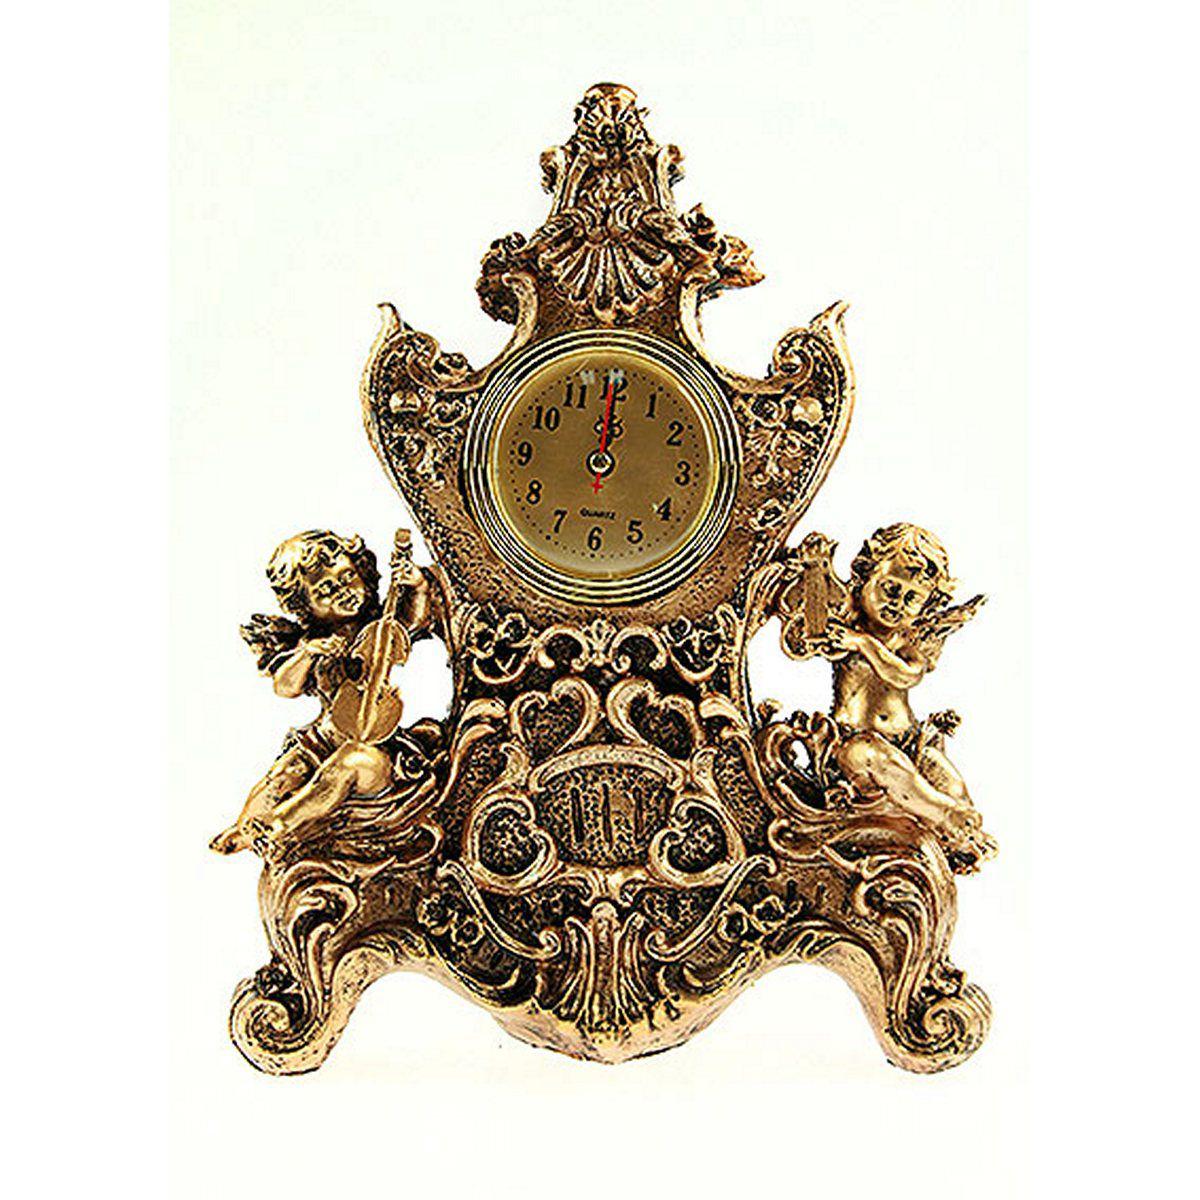 Часы настольные Русские Подарки Ангелочки, 22 х 10 х 31 см. 5936929616Настольные кварцевые часы Русские Подарки Ангелочки изготовлены из полистоуна, циферблат защищен стеклом. Часы имеют три стрелки - часовую, минутную и секундную.Изящные часы красиво и оригинально оформят интерьер дома или рабочий стол в офисе. Также часы могут стать уникальным, полезным подарком для родственников, коллег, знакомых и близких.Часы работают от батареек типа АА (в комплект не входят).